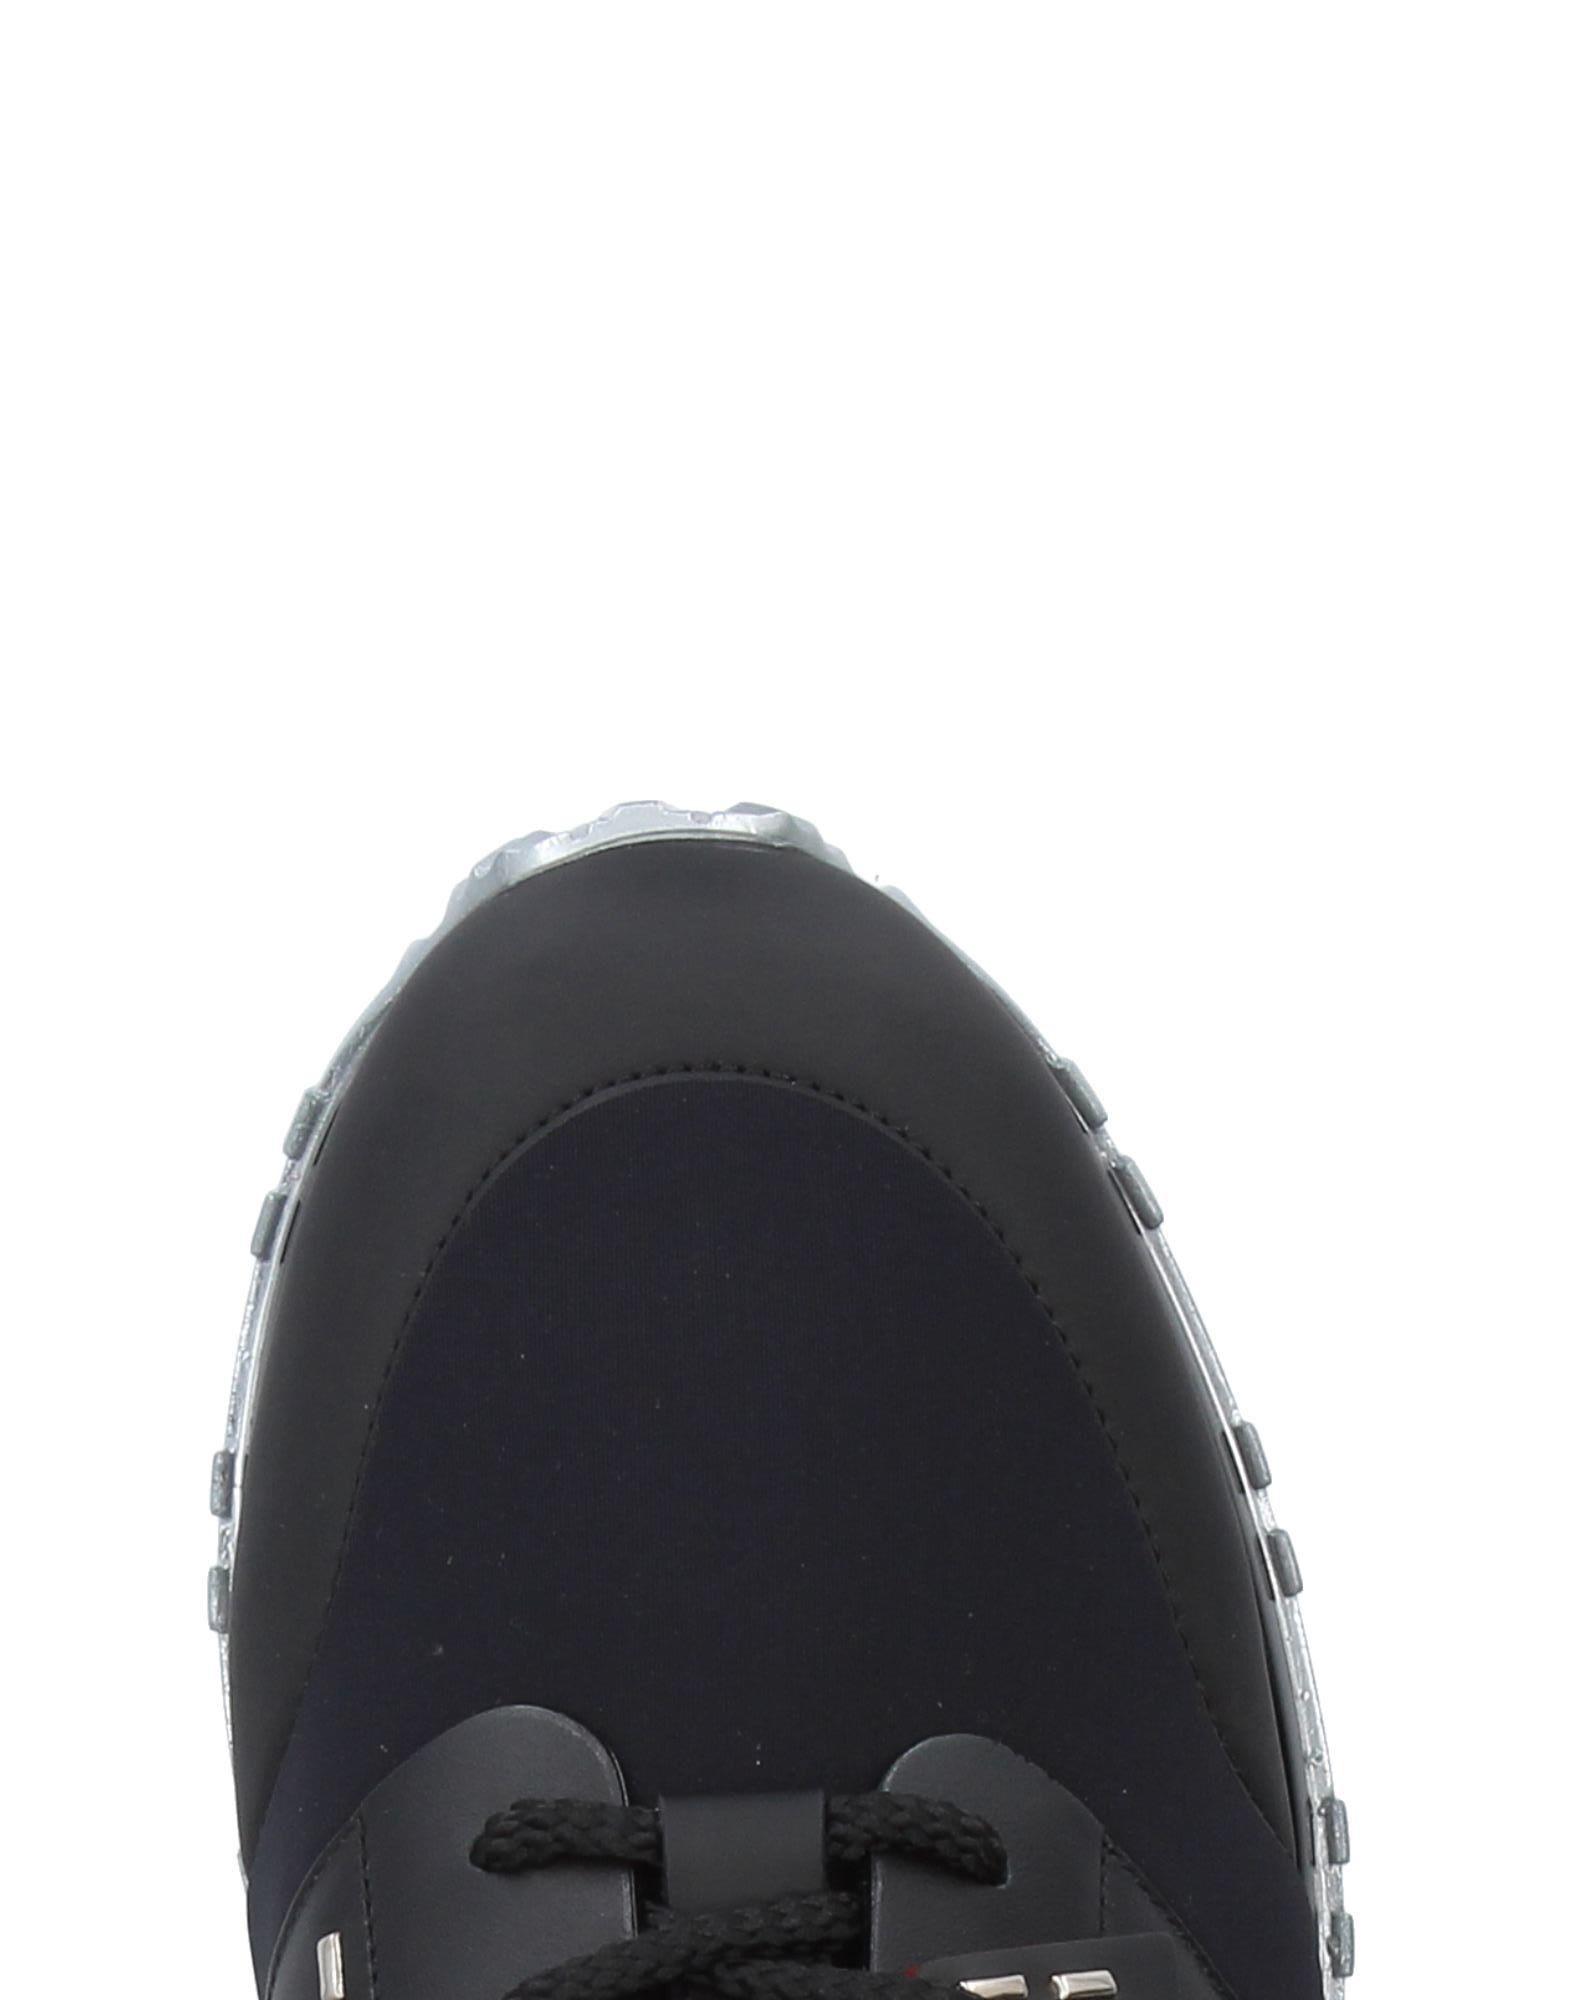 Fendi Sneakers Herren Qualität  11383807TT Gute Qualität Herren beliebte Schuhe b54eb4